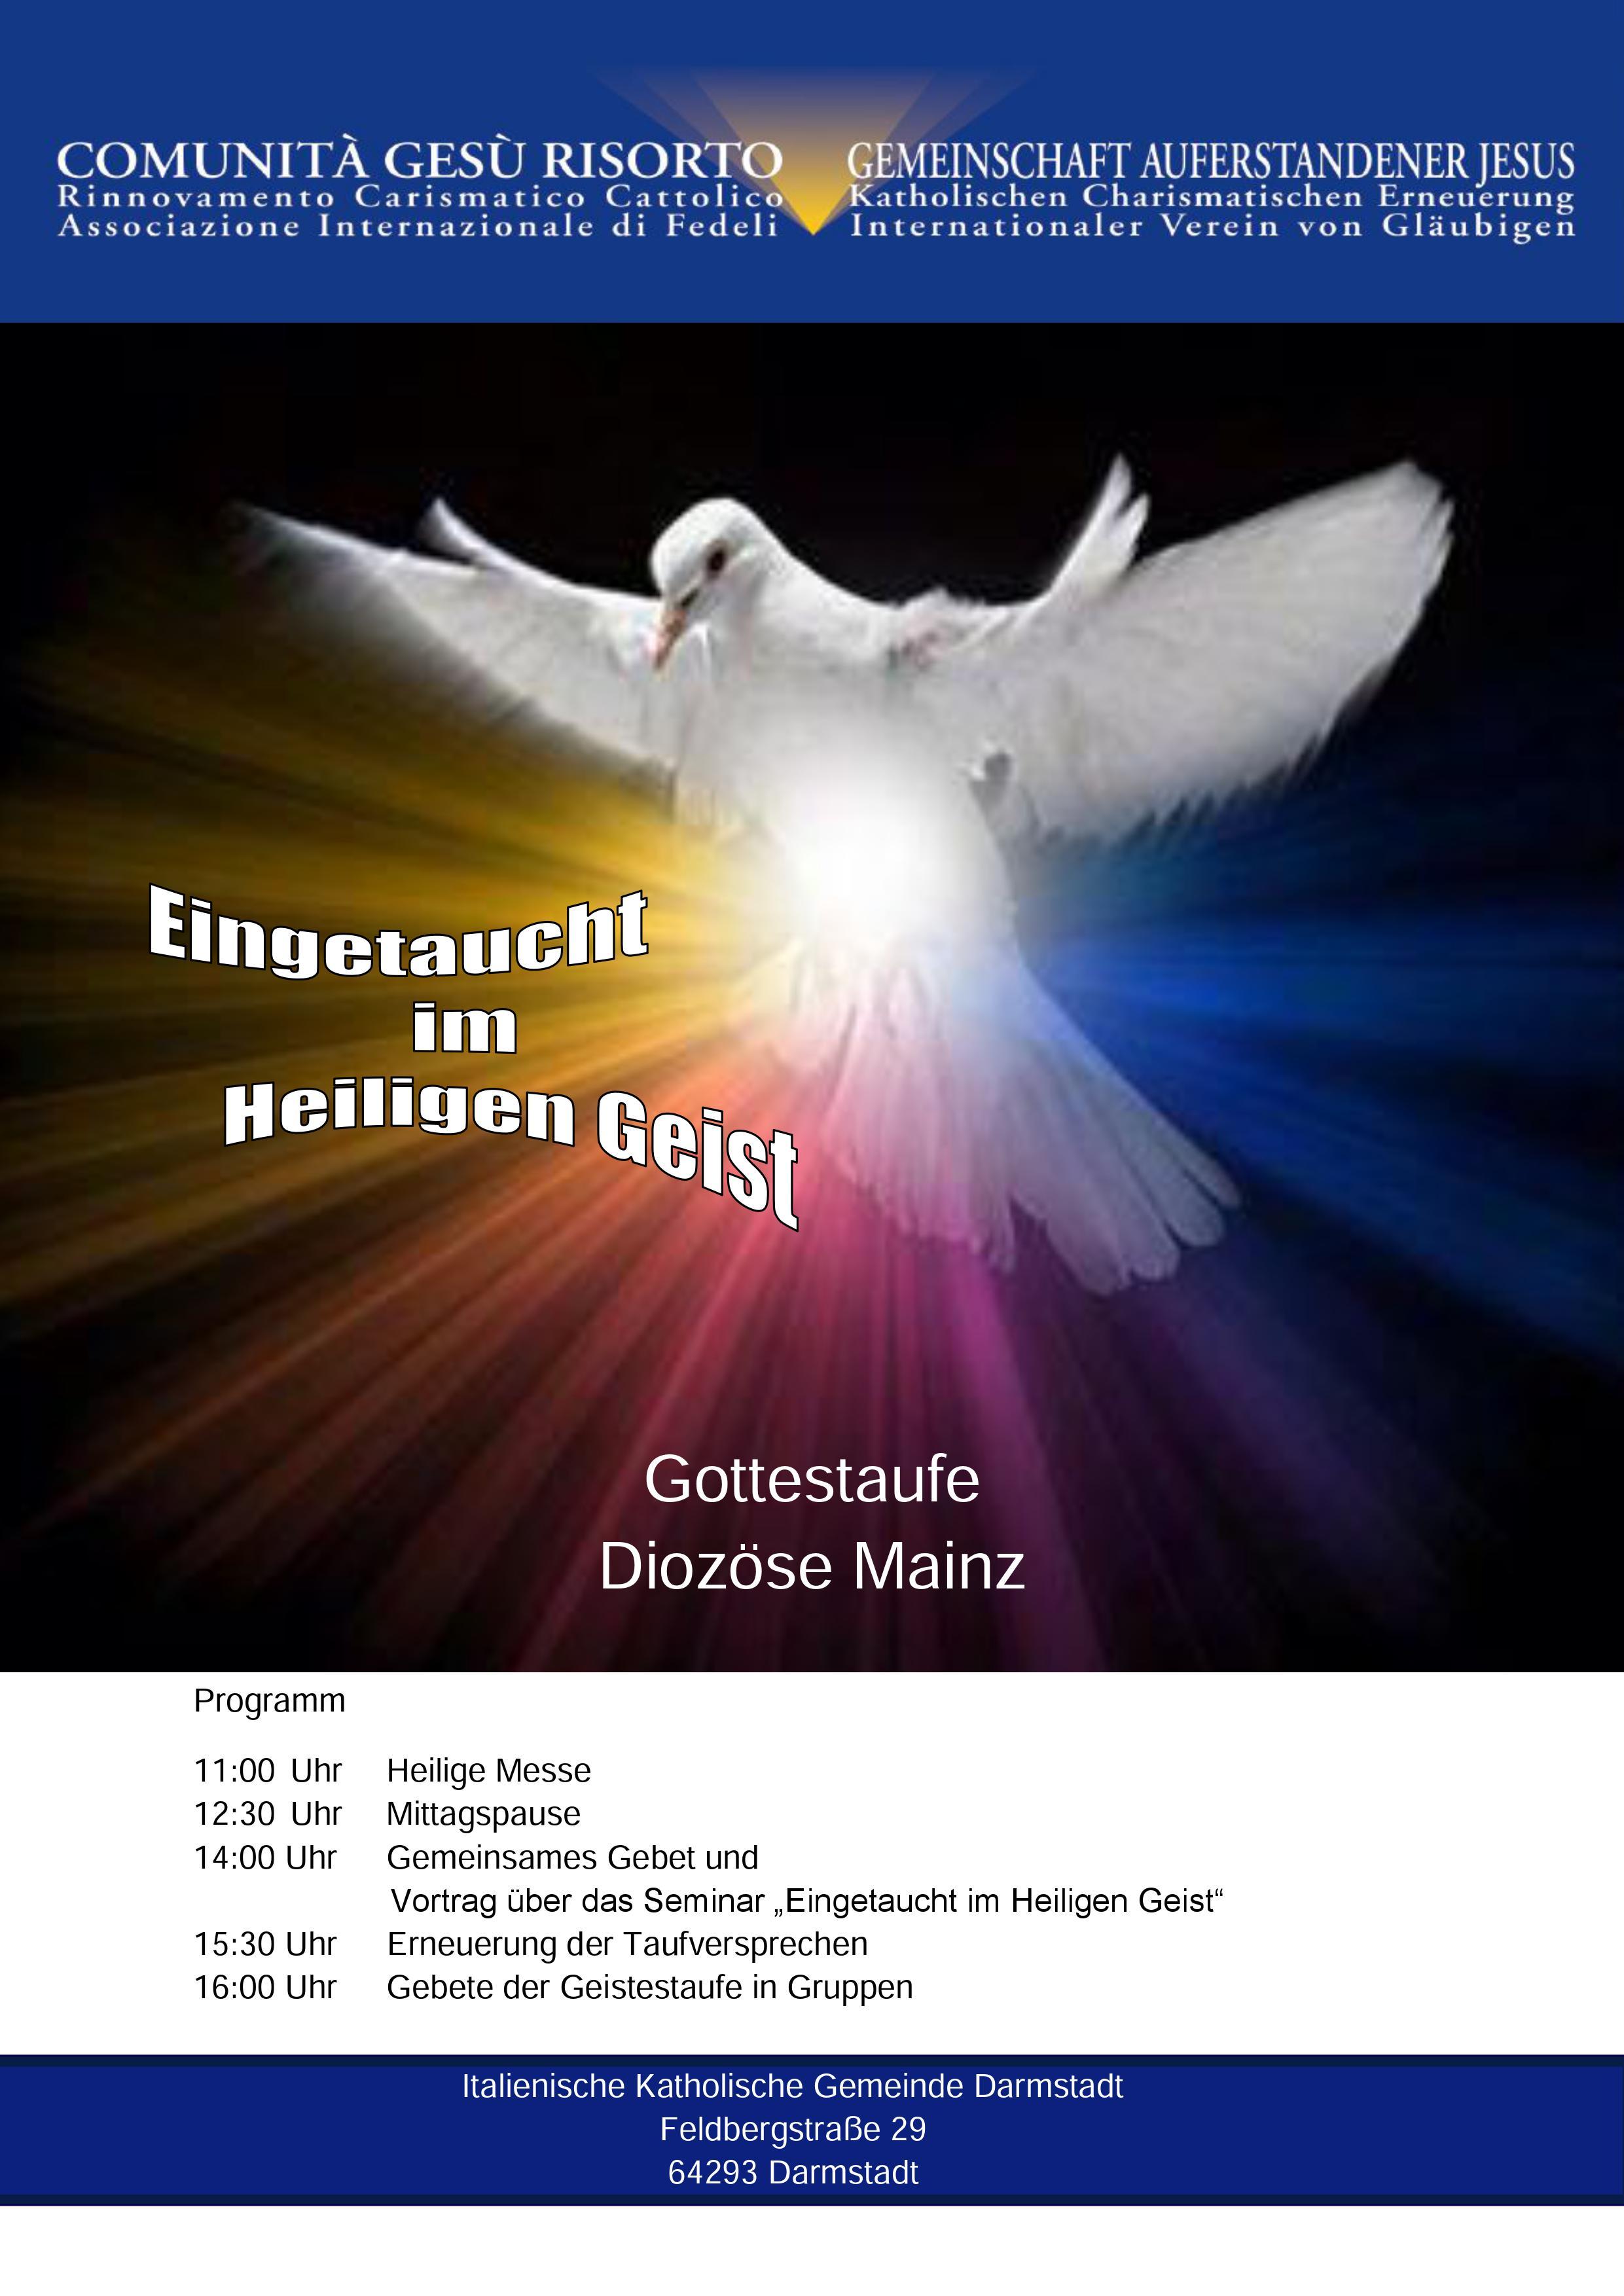 (Italiano) Ritiro Preghiera per Effusione dello Spirito Santo – diocesi di Mainz